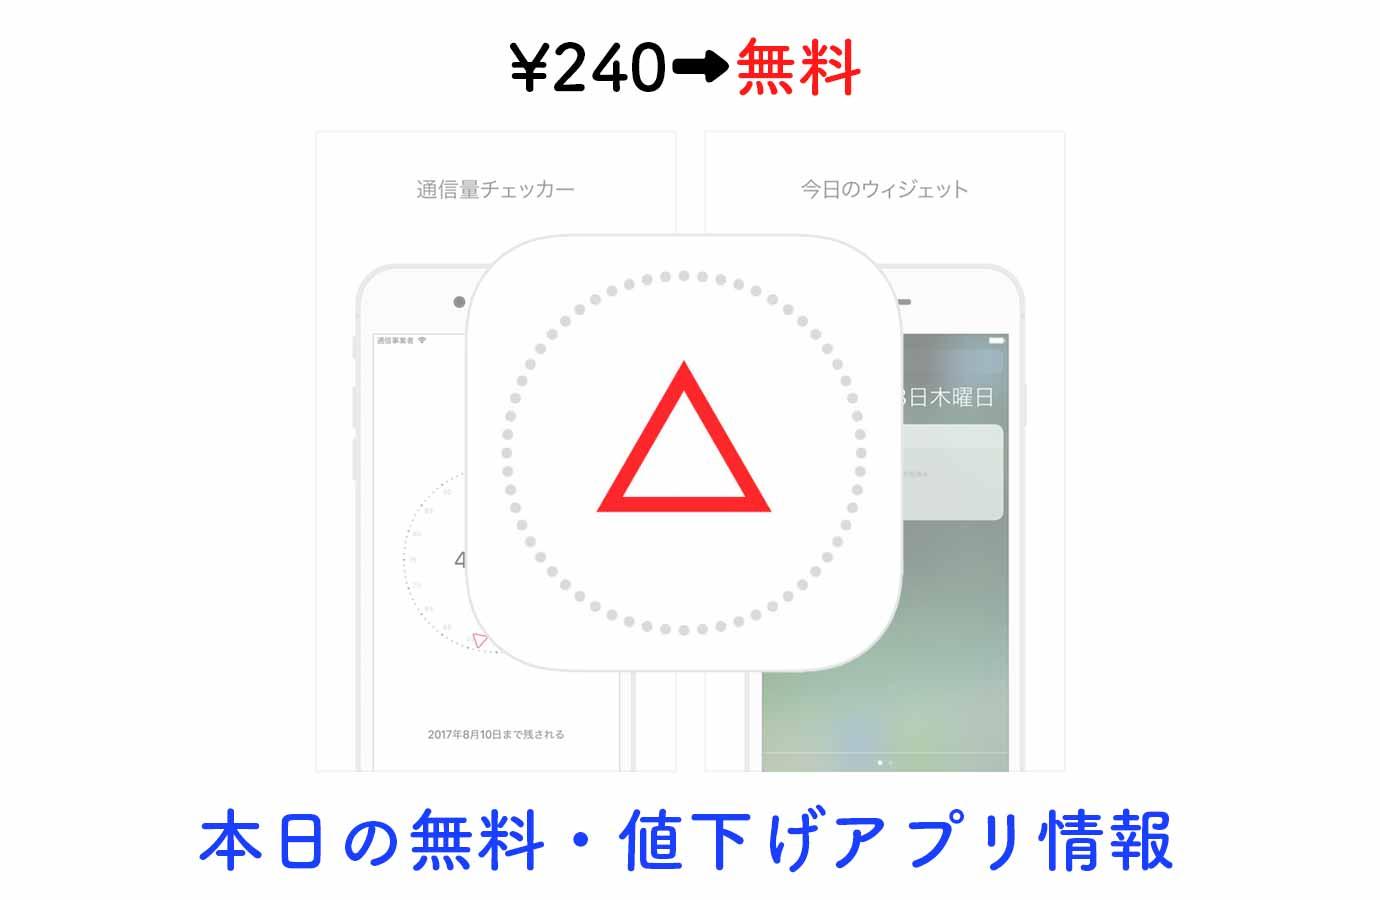 ¥240→無料、ウィジェットにも対応したデータ通信量チェックアプリ「Databit」など【8/11】本日の無料・値下げアプリ情報